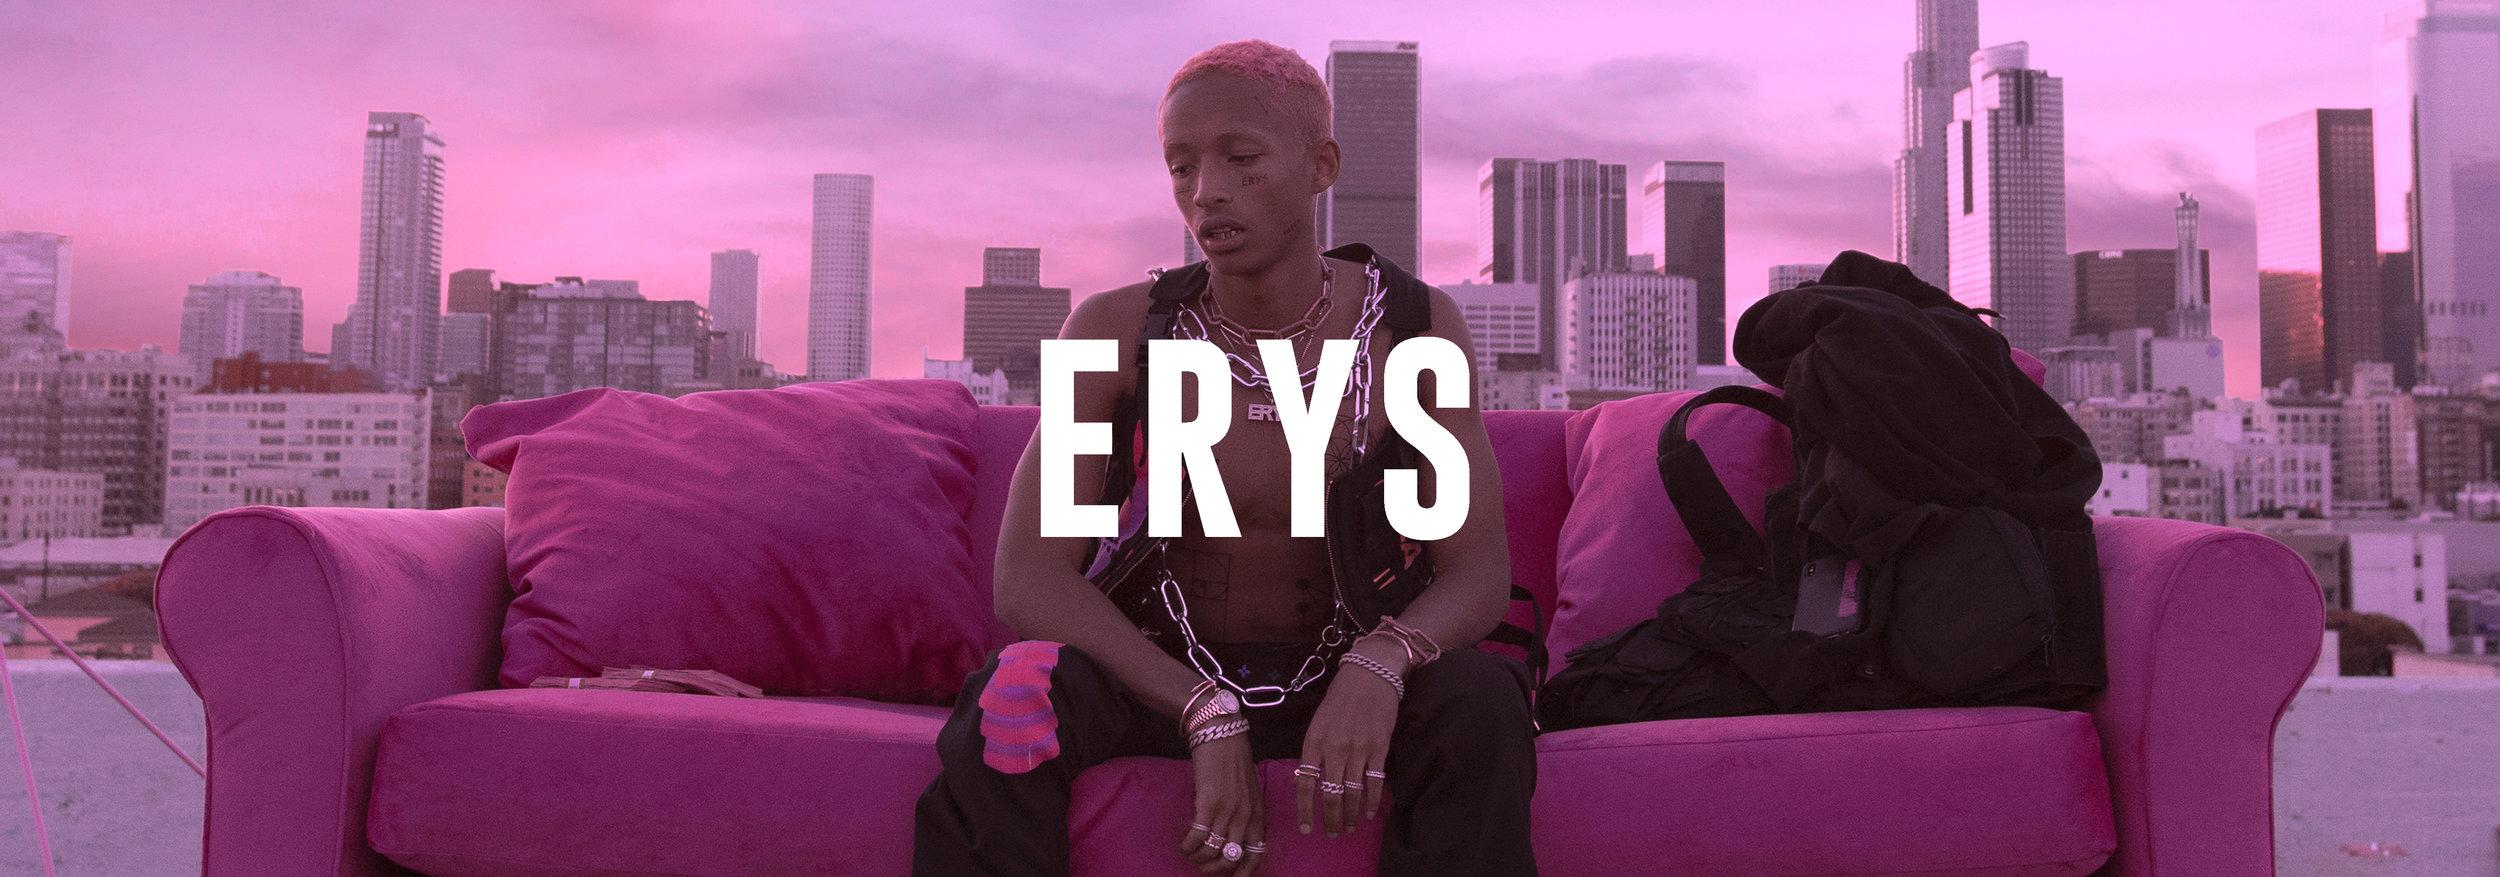 ERYS-01.jpg